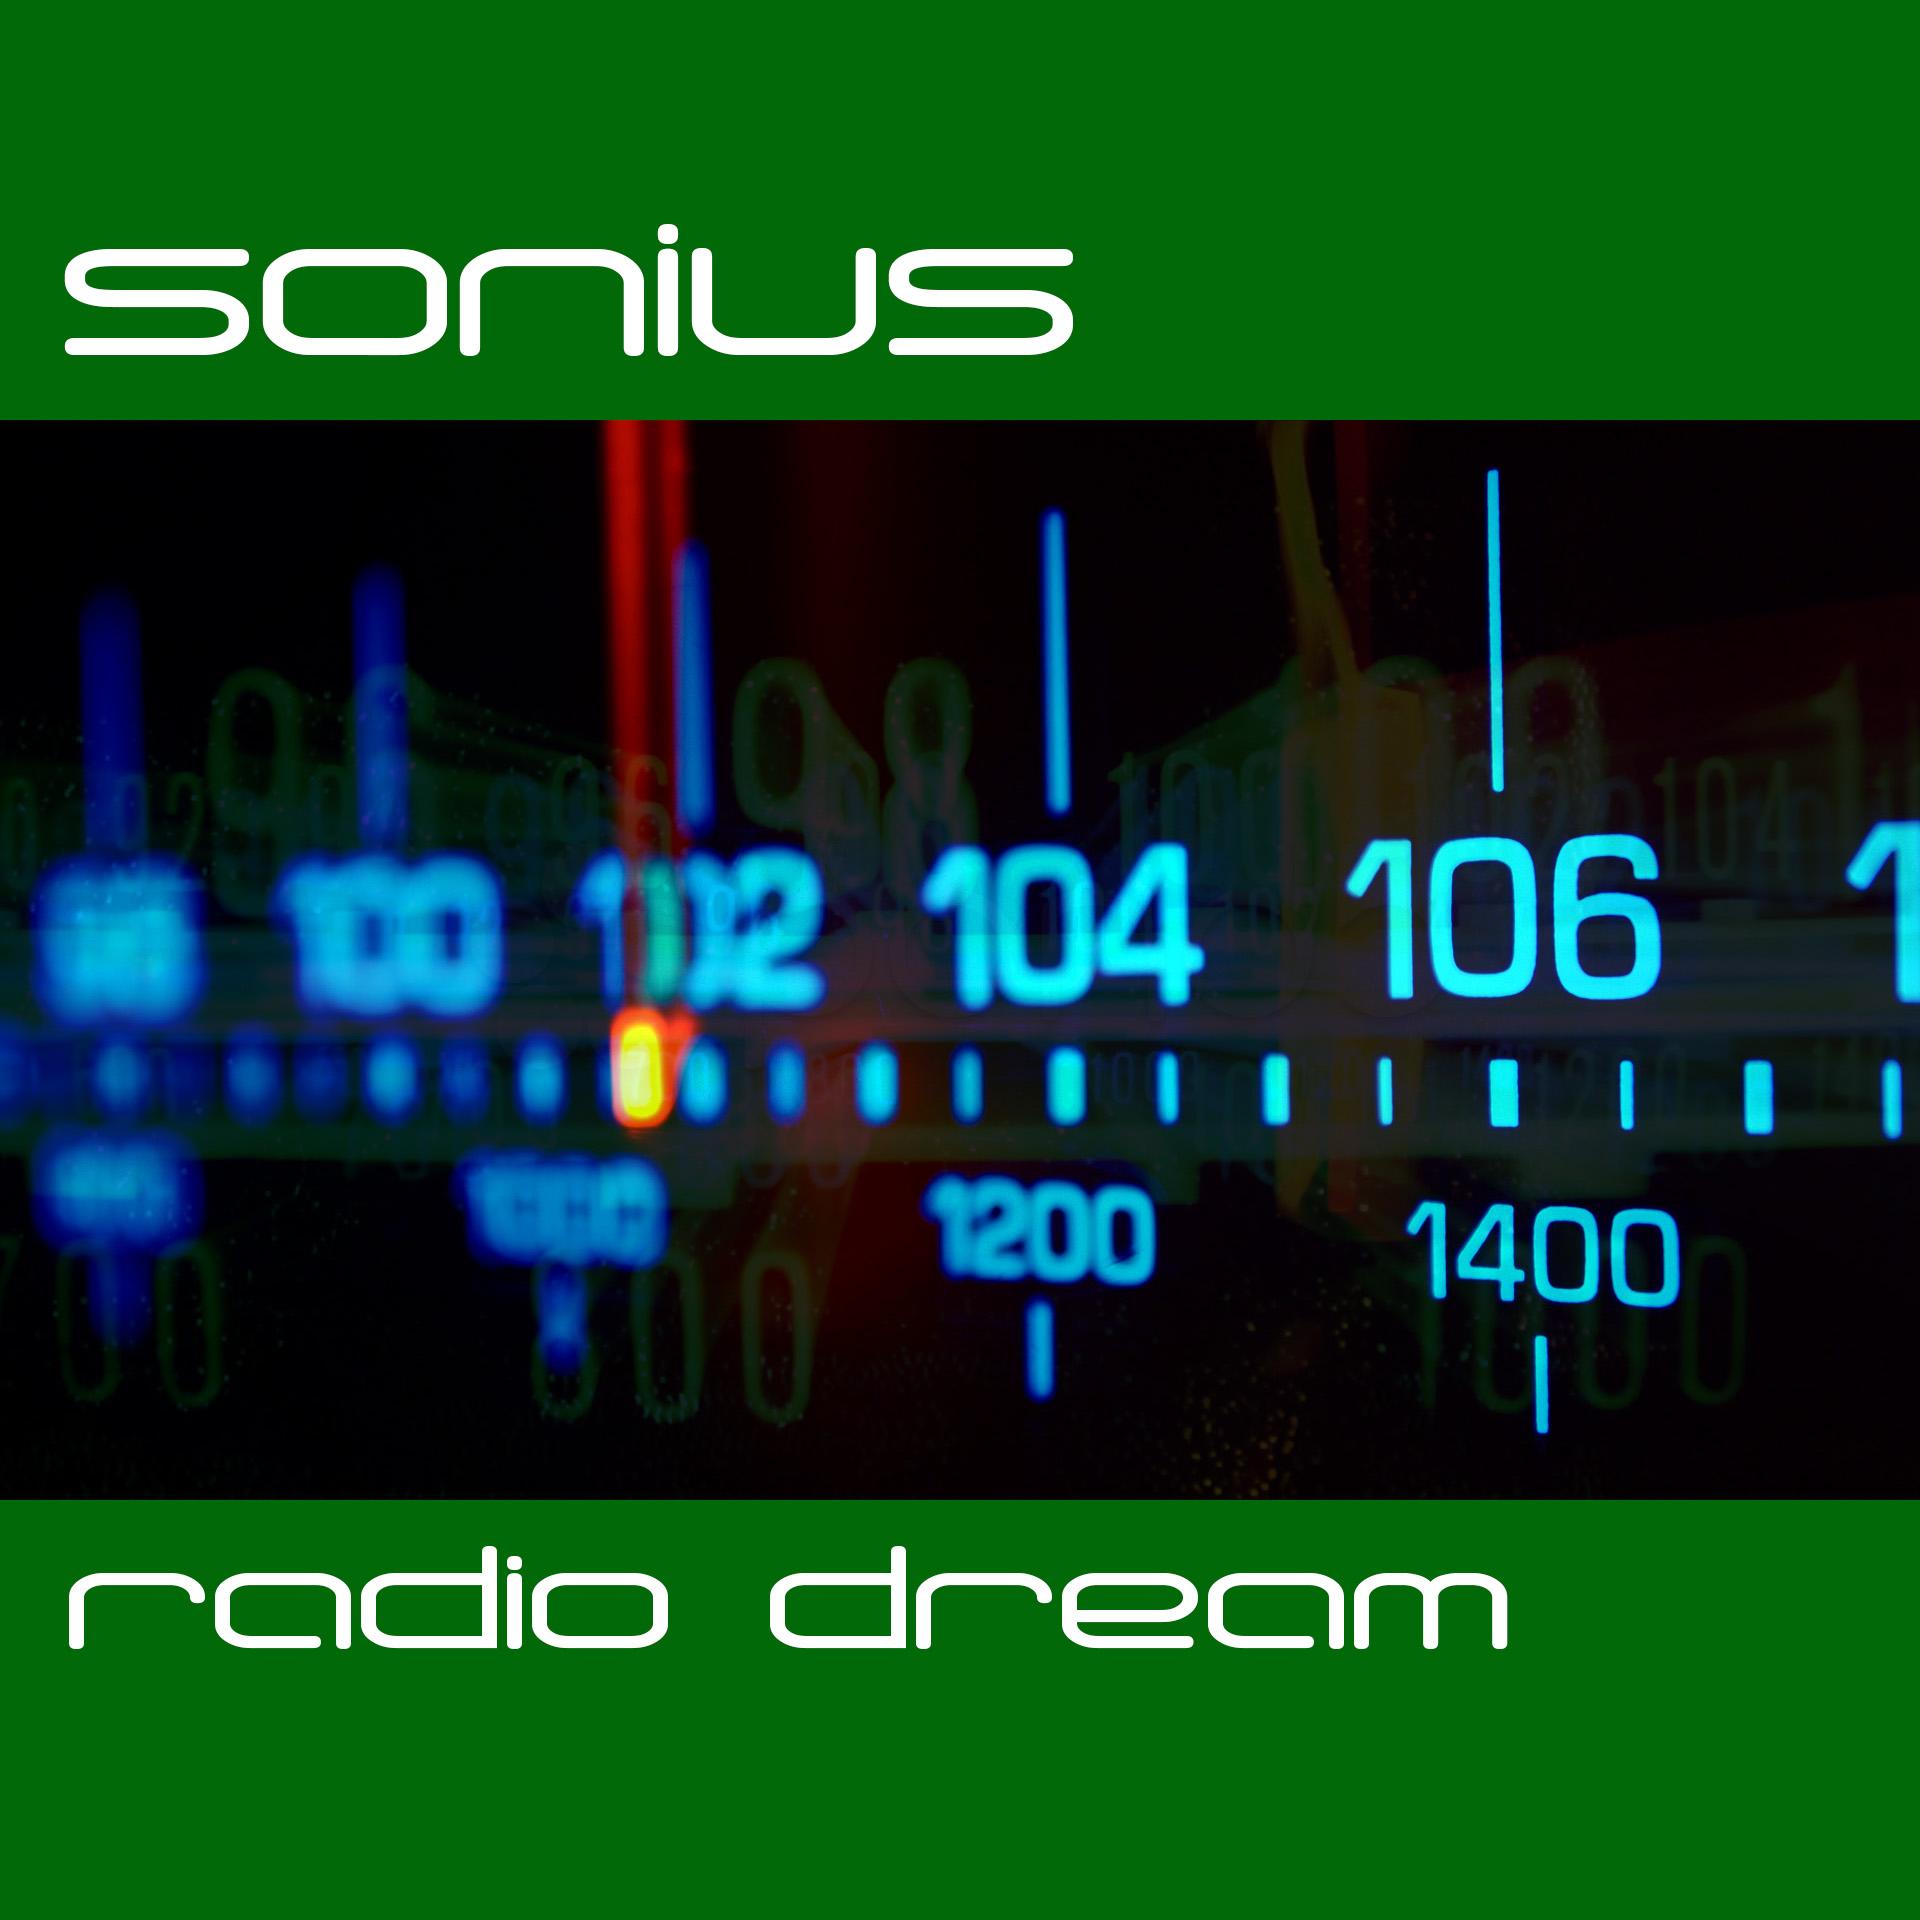 Sonius - Radio Dream (Original Mix)